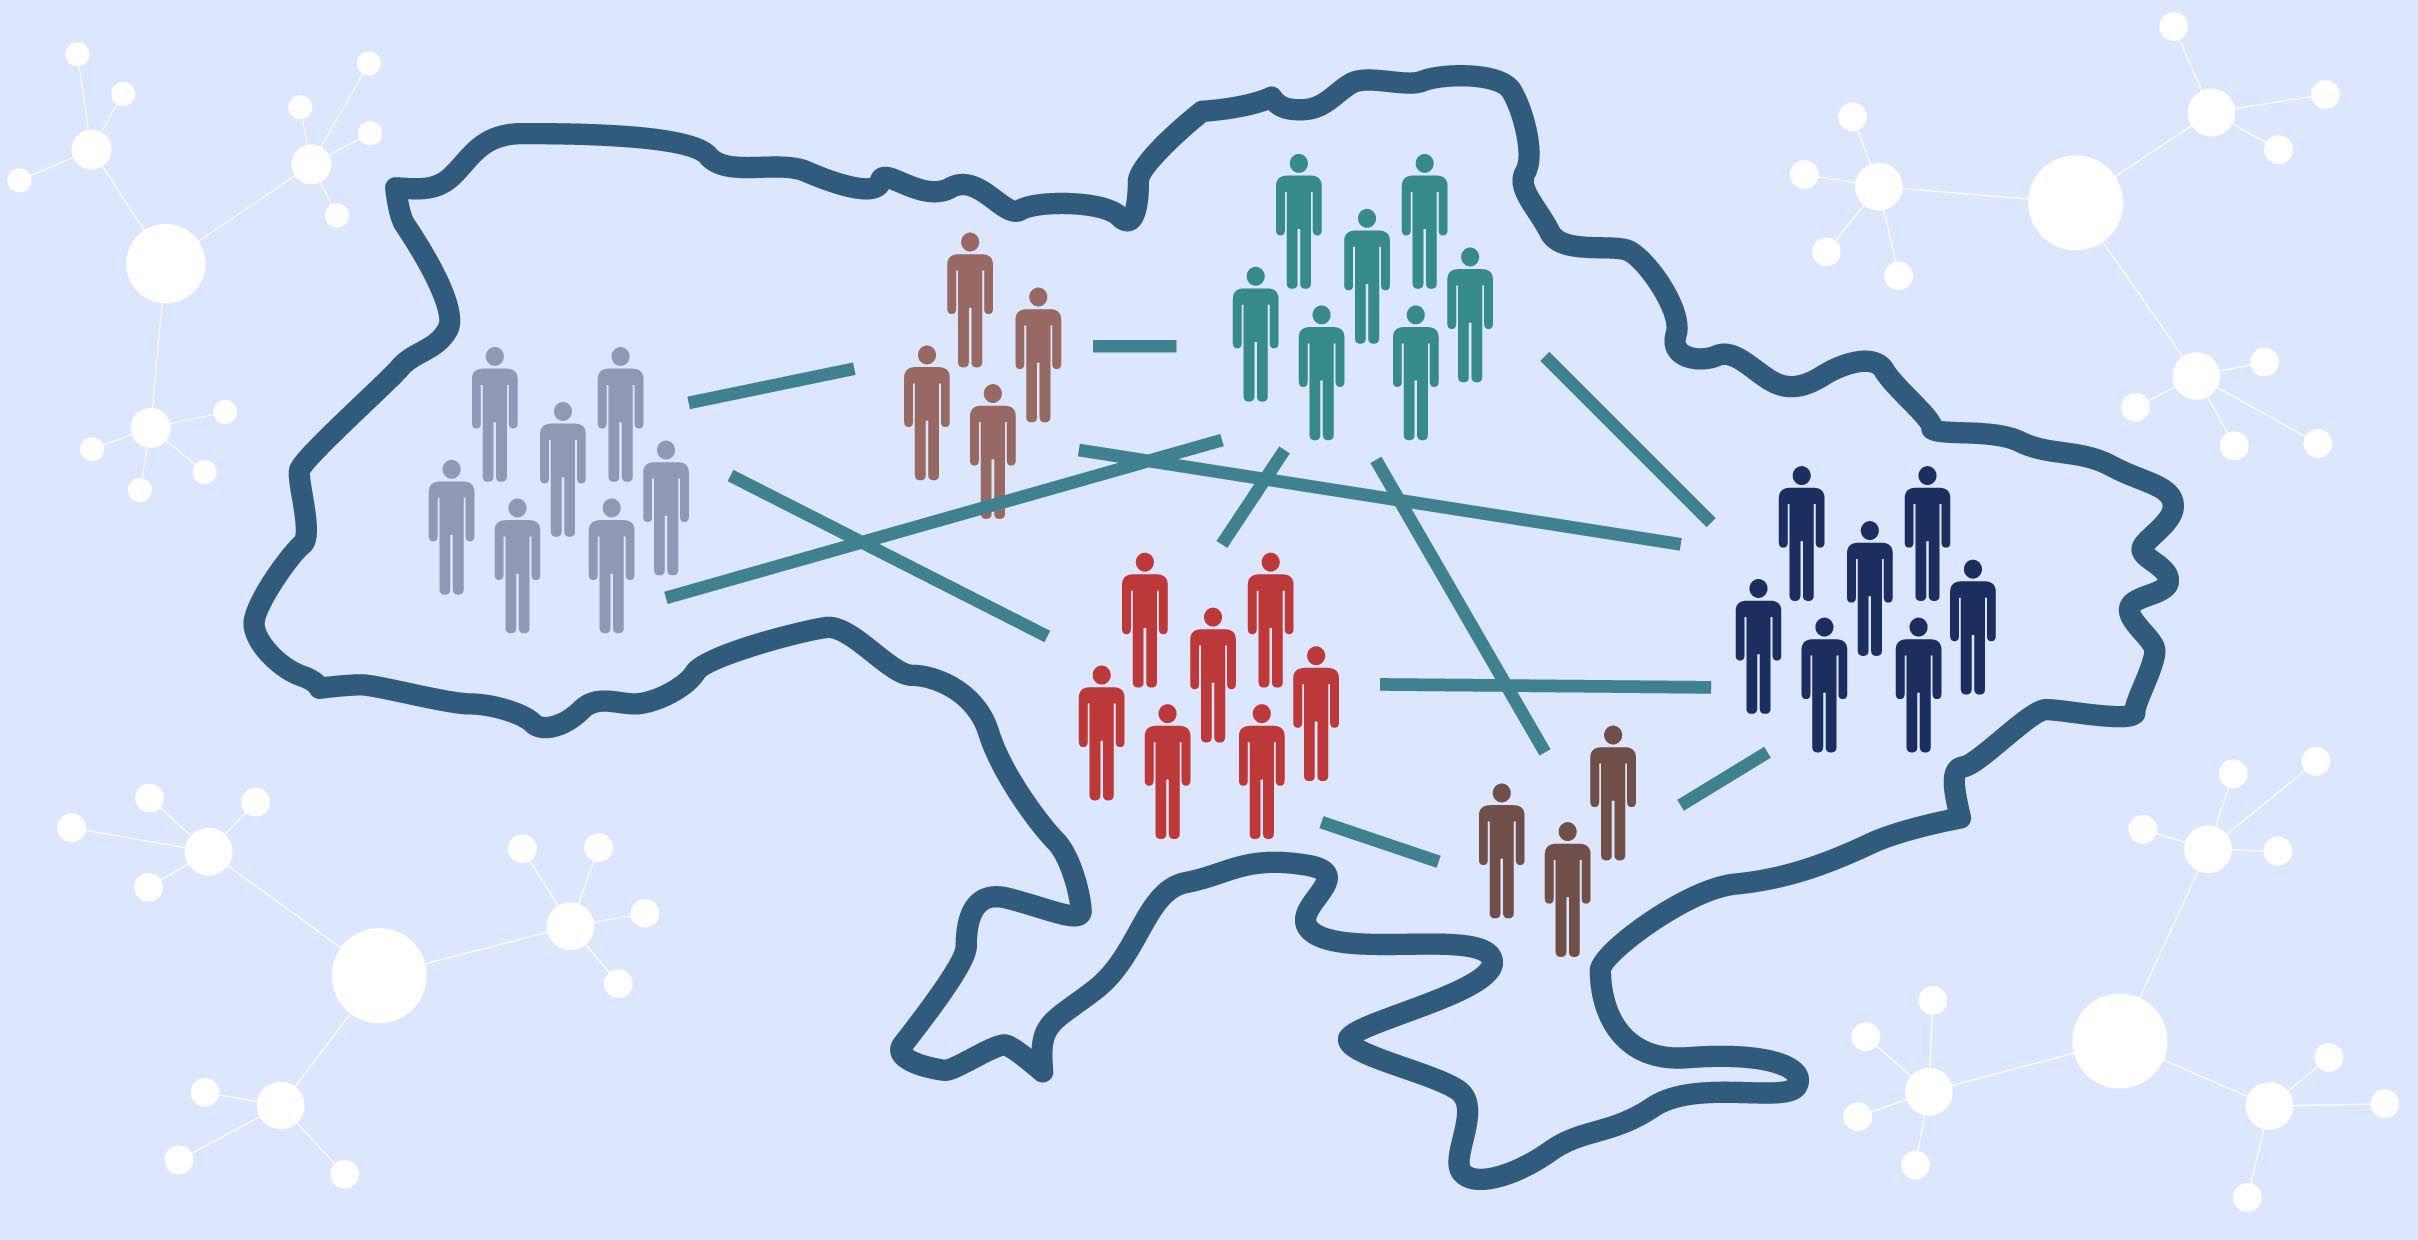 Чотири громади вже долучилися до «Угоди мерів»